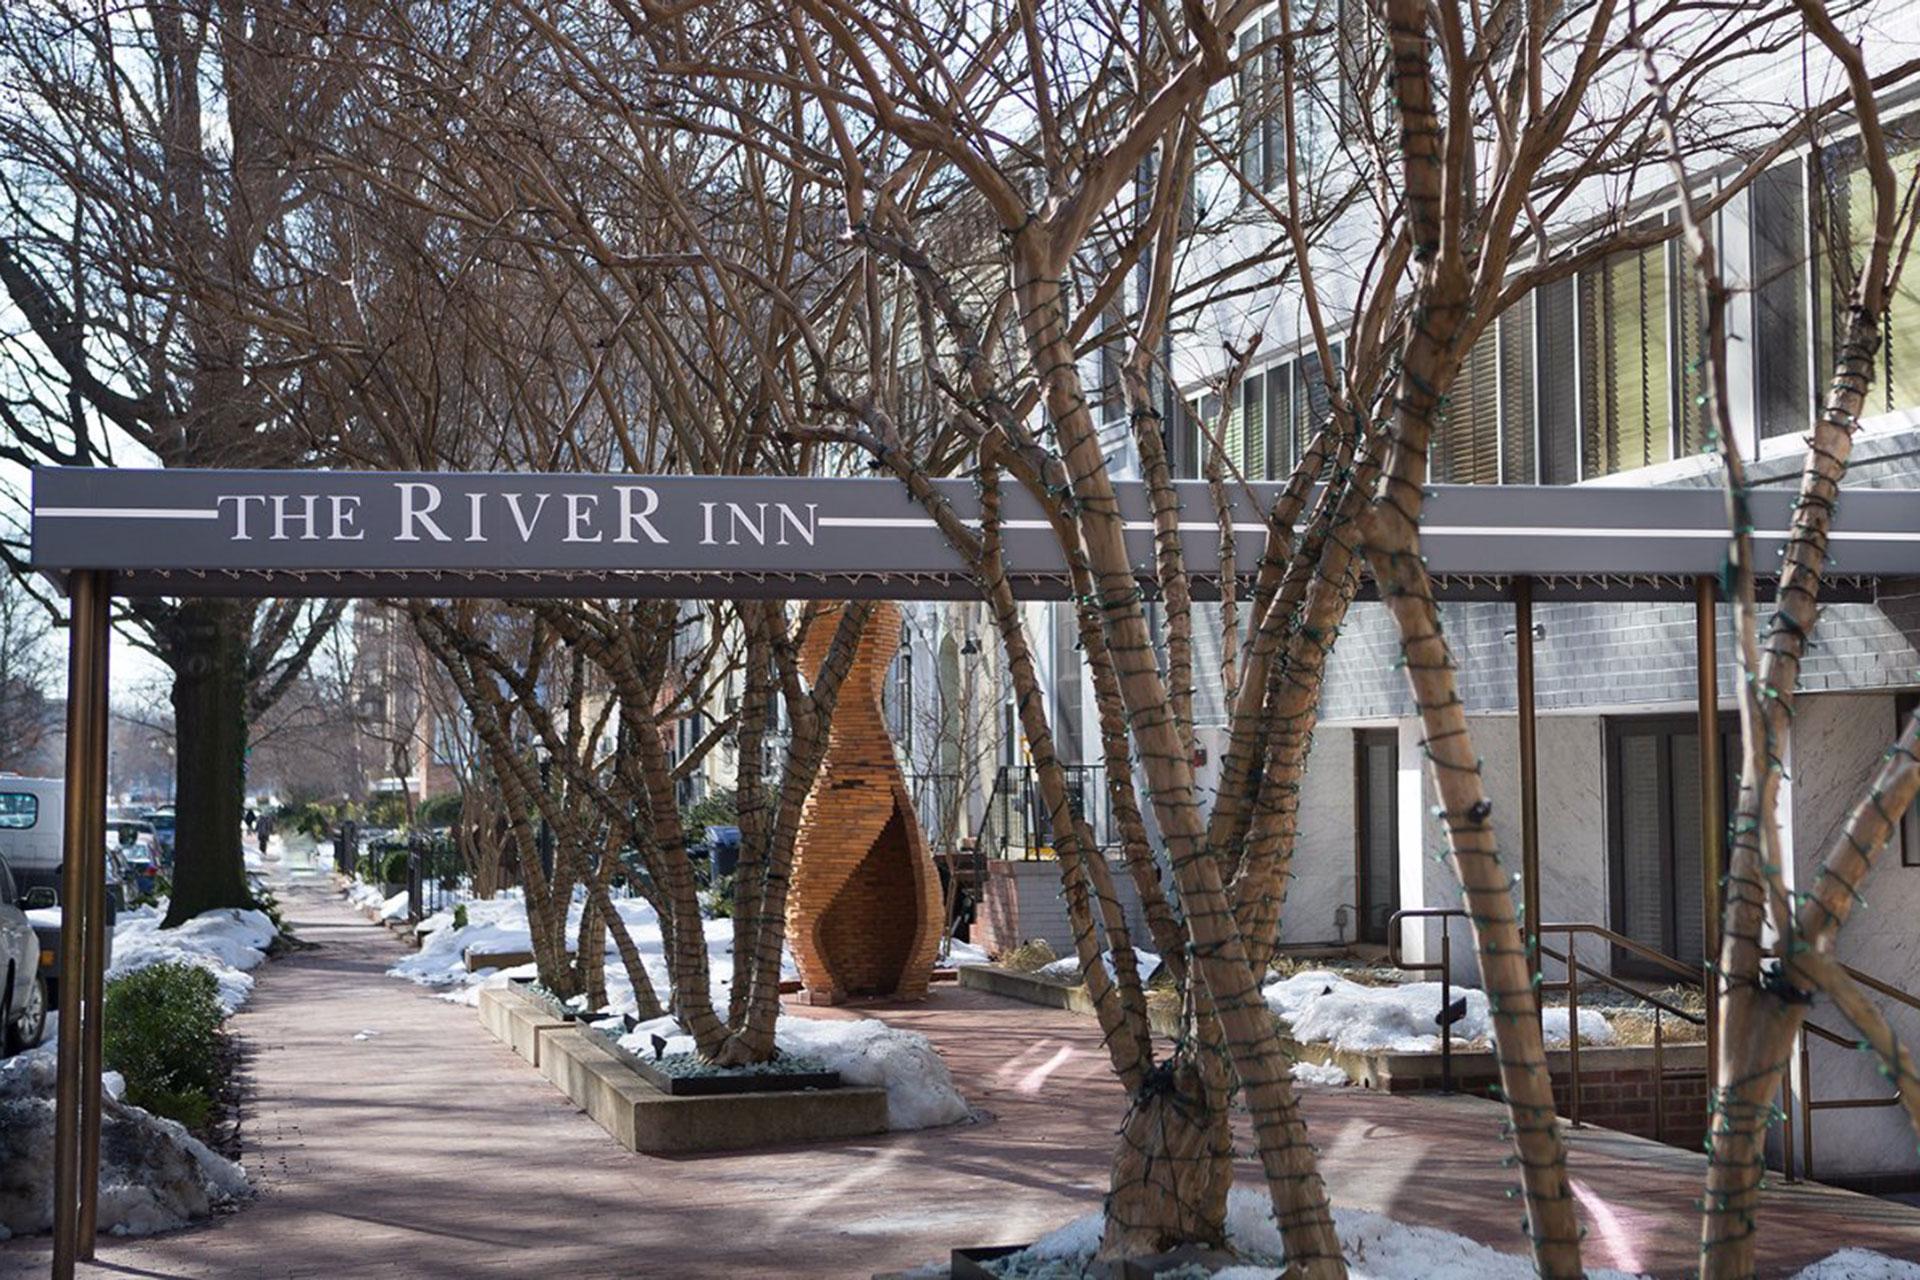 Exterior of The River Inn